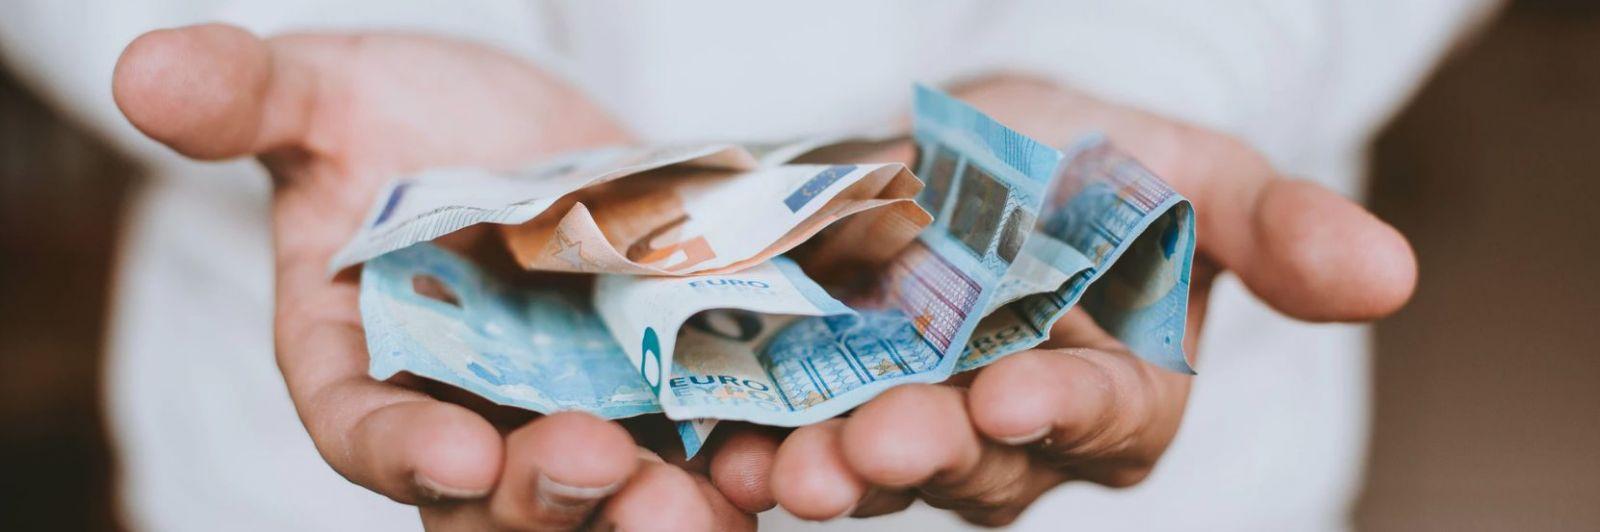 Nevieš šetriť peniaze? Vďaka týmto 5 spôsobom tvoj bankový účet prestane trpieť